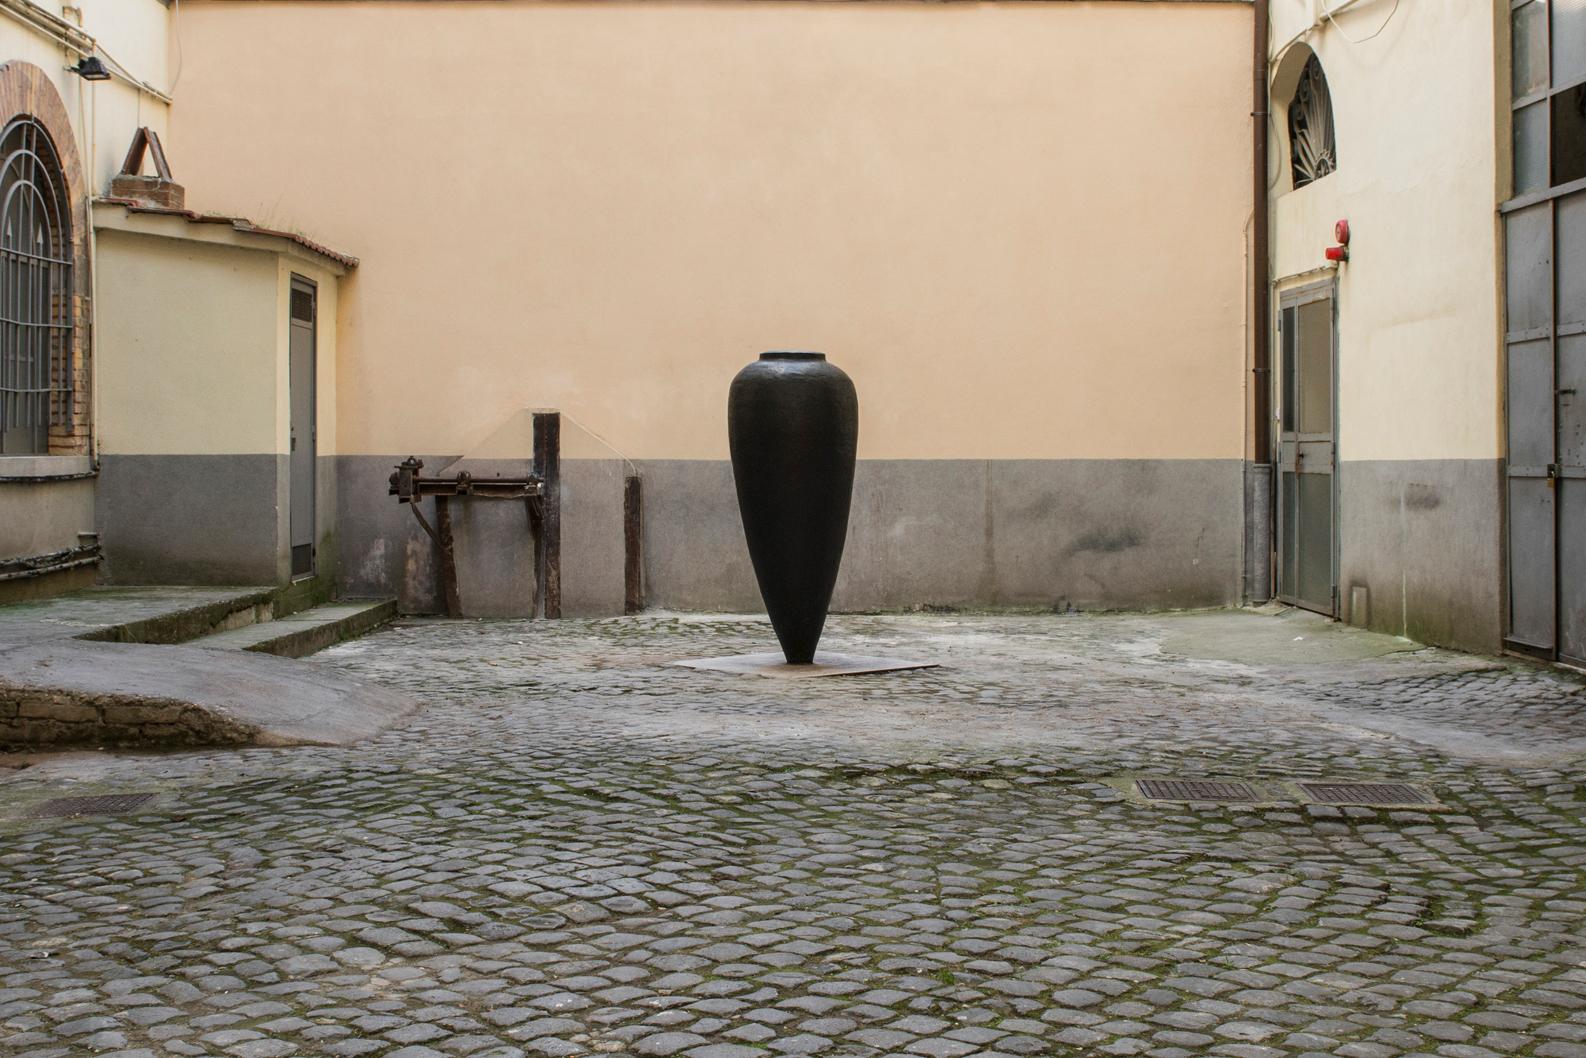 1_PizziCannella_LaFontanaFerma_2007-10_FondazionePastificioCerere_photoAndreaMusico